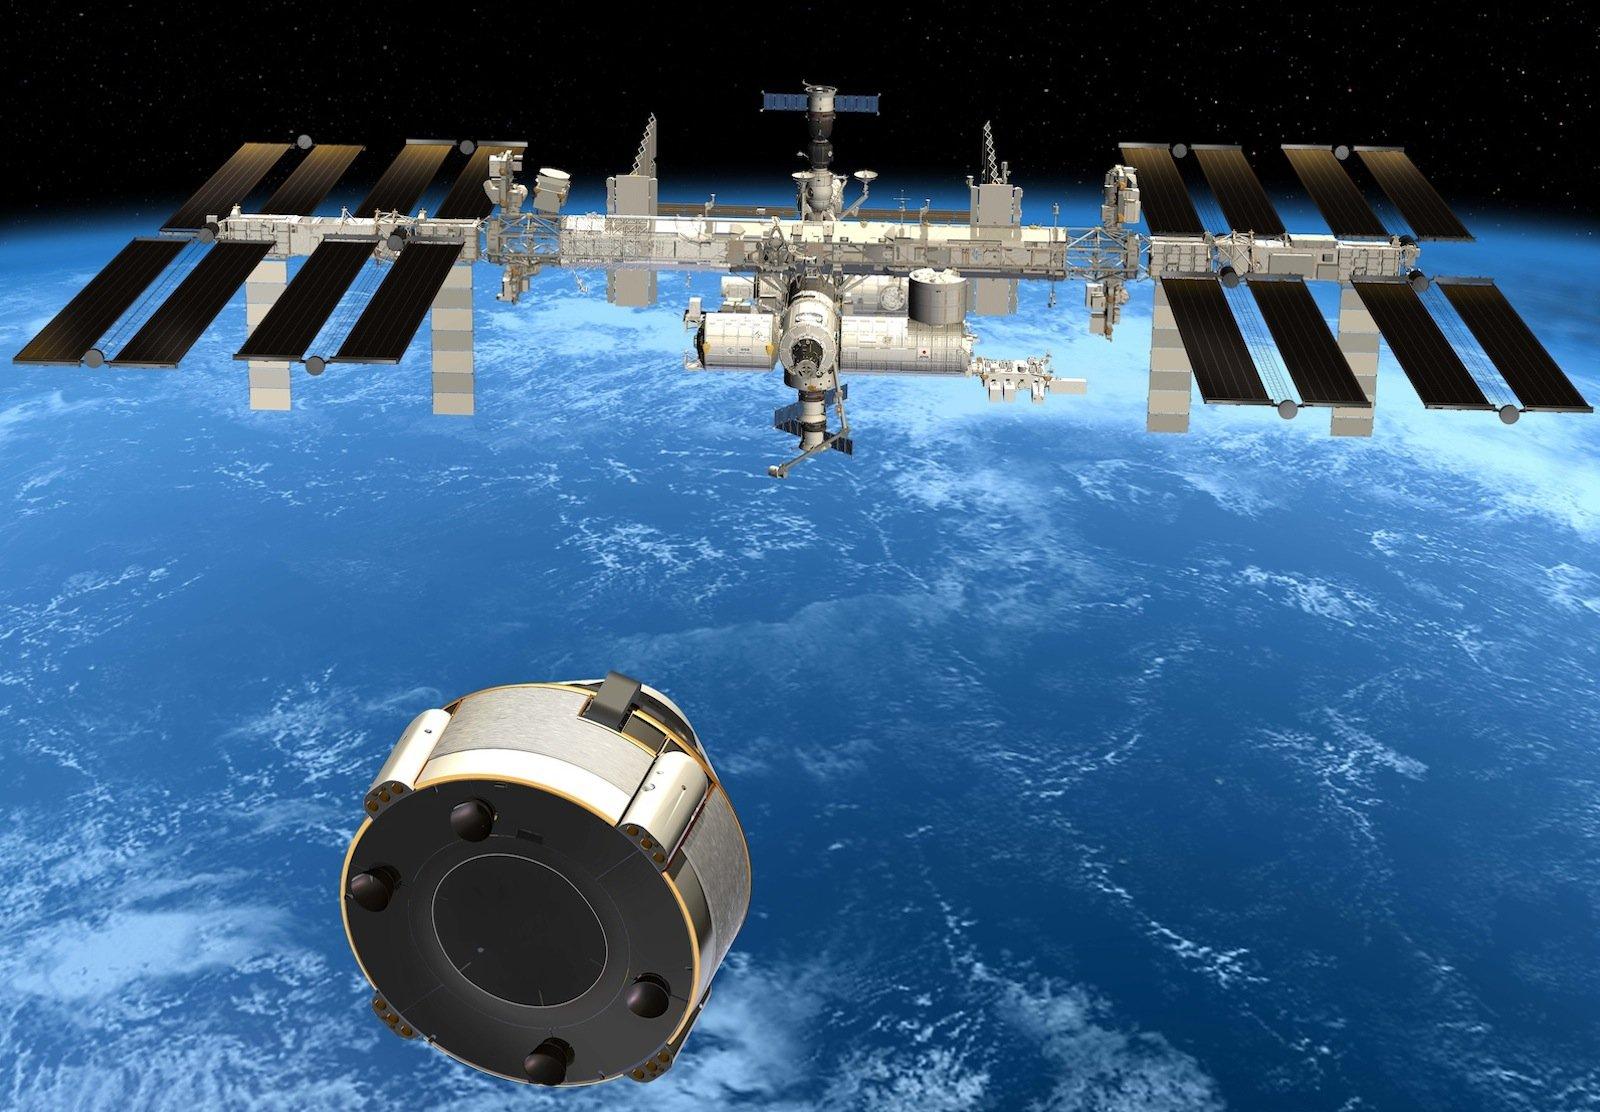 Im Auftrag der NASA soll Boeings Raumkaspel CST-100 zur Internationalen Raumstation ISS fliegen.